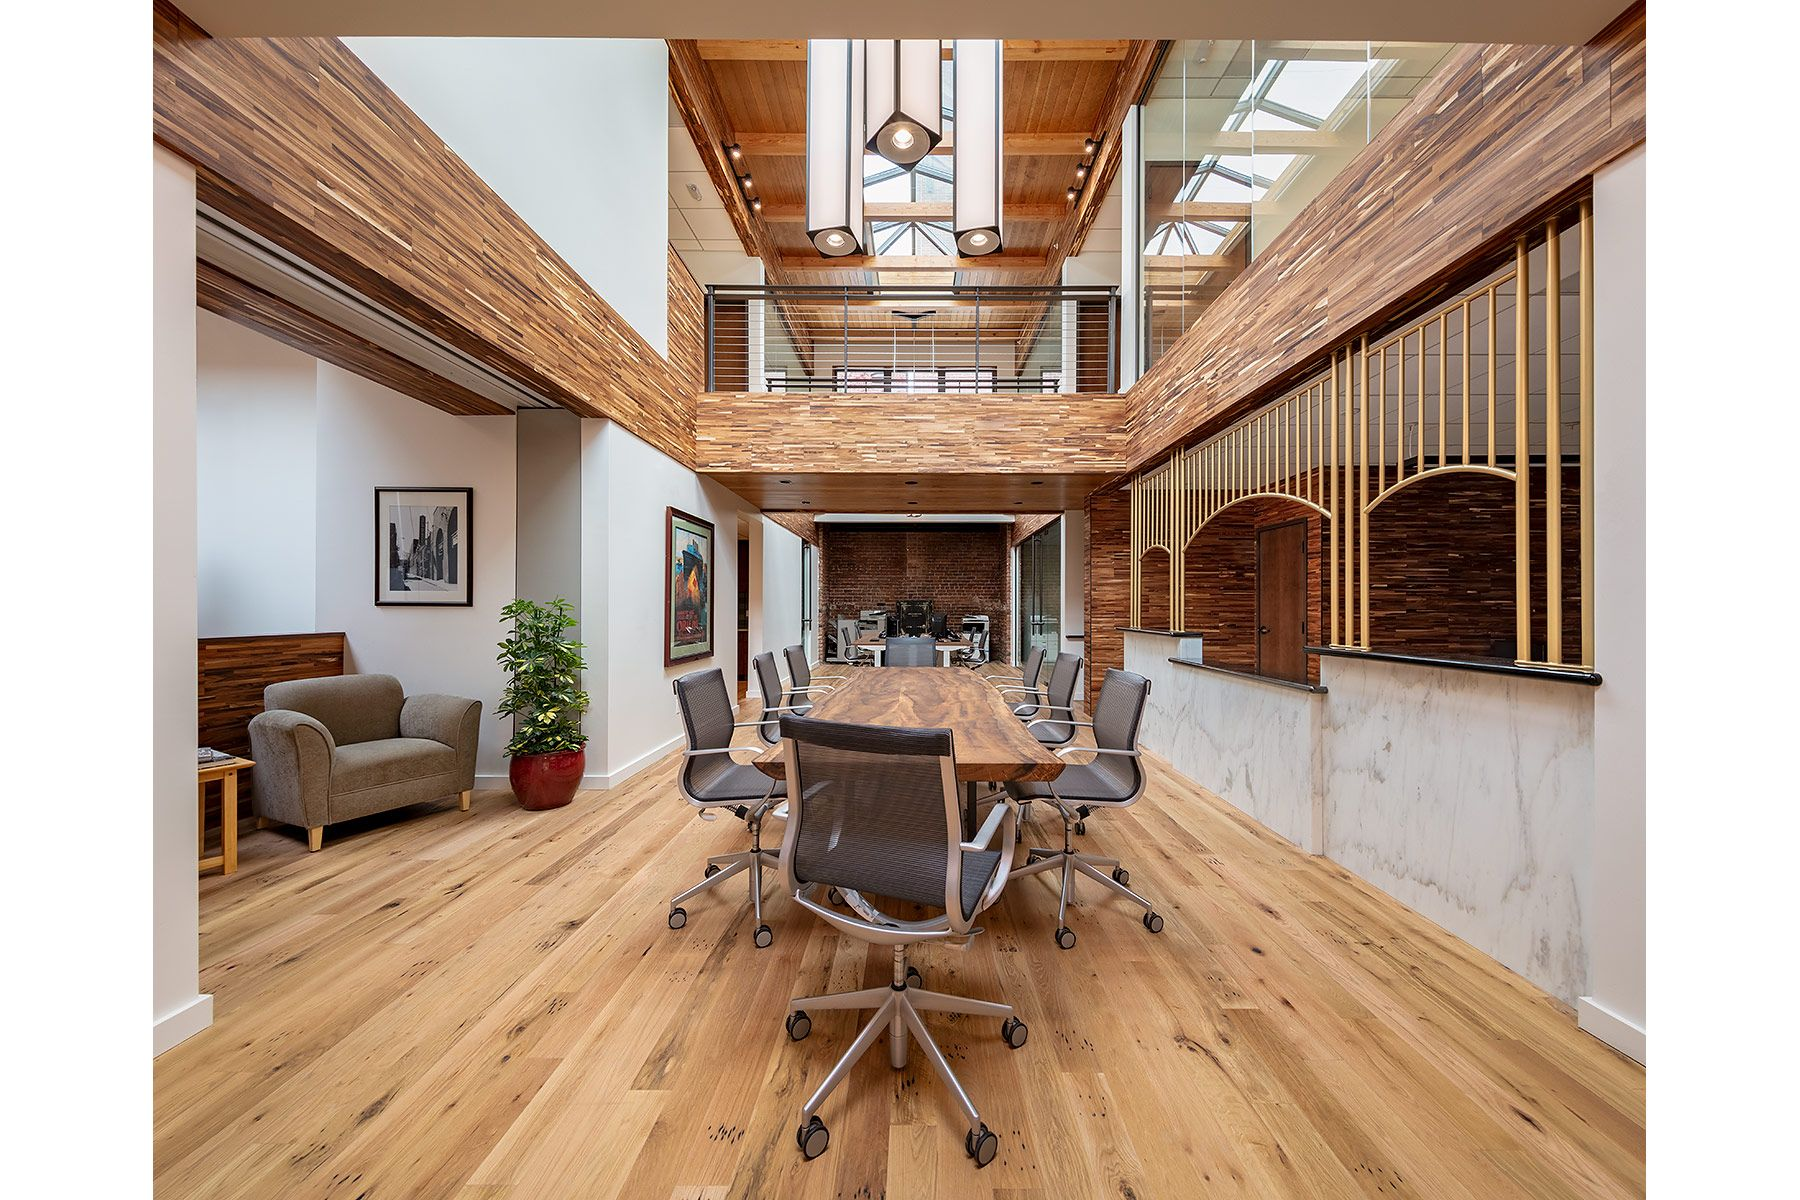 Suarez Kuehne Architecture